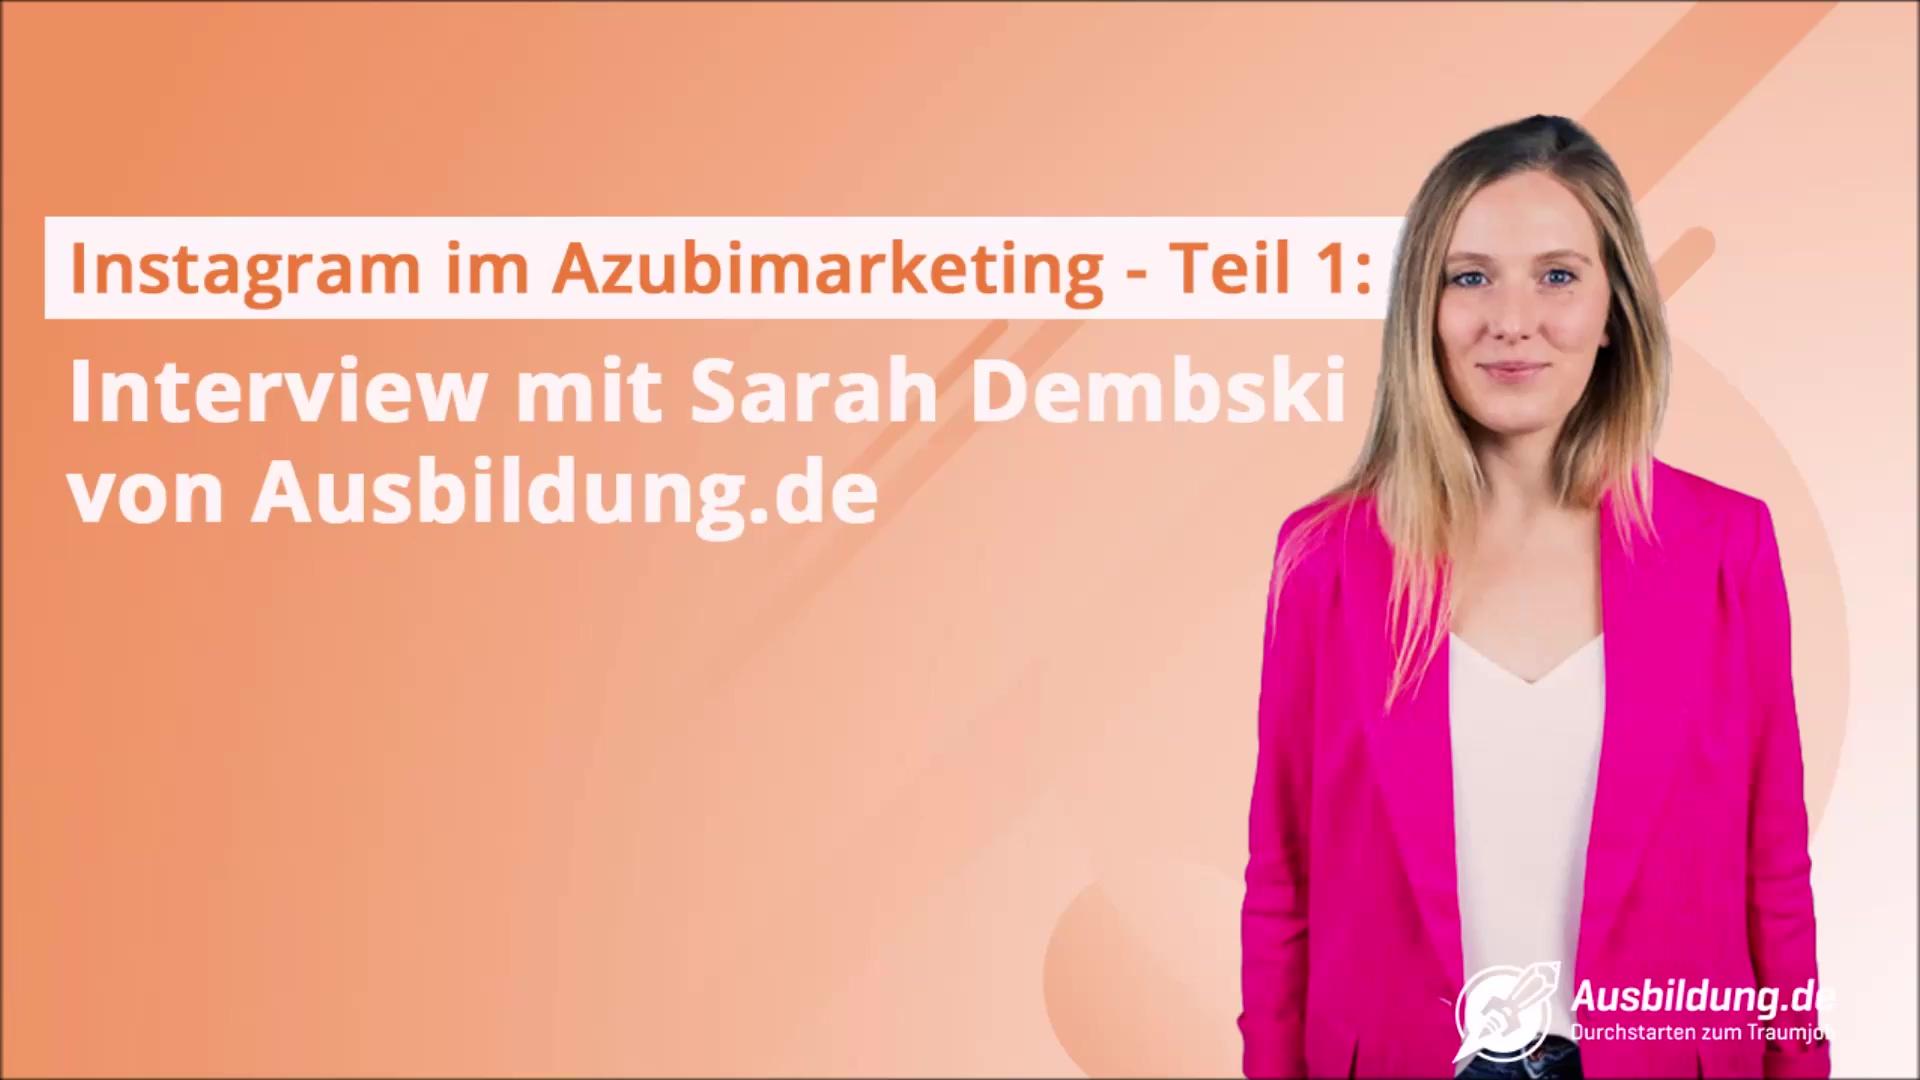 Instagram im Azubimarketing_Experten-Interview mit Ausbildung.de